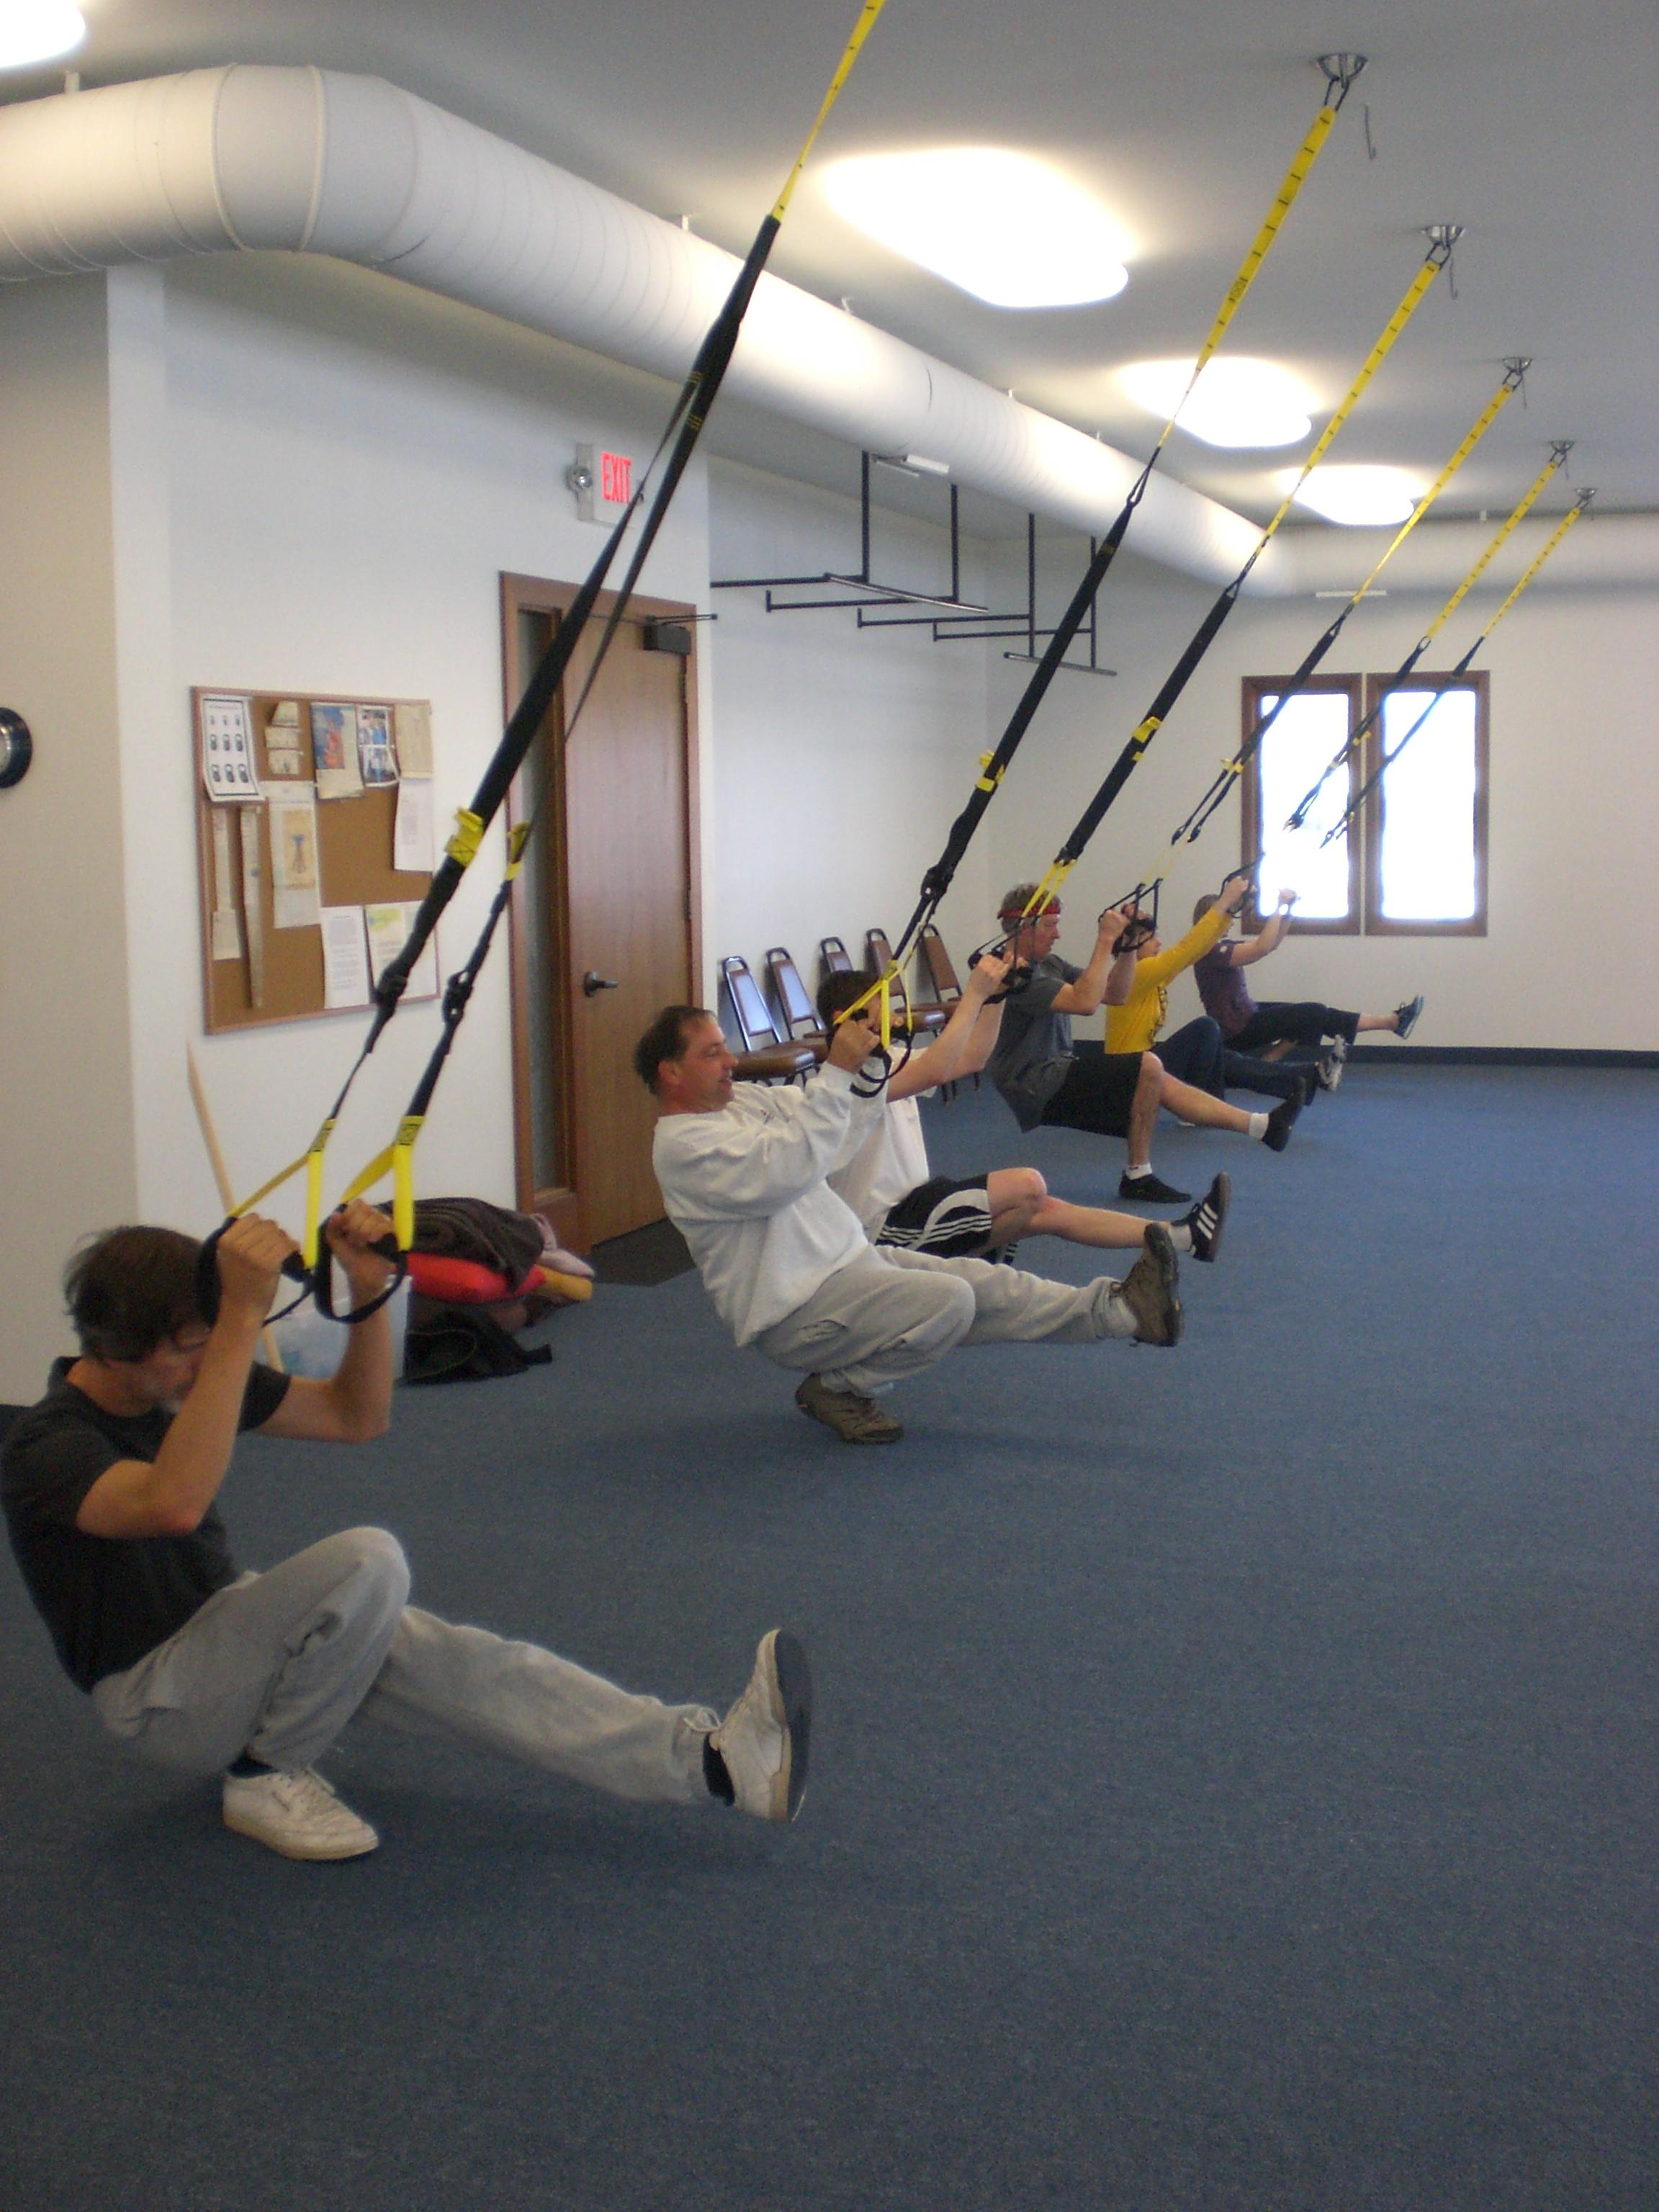 Петли trx: виды и техника выполнения упражнений для кроссфита